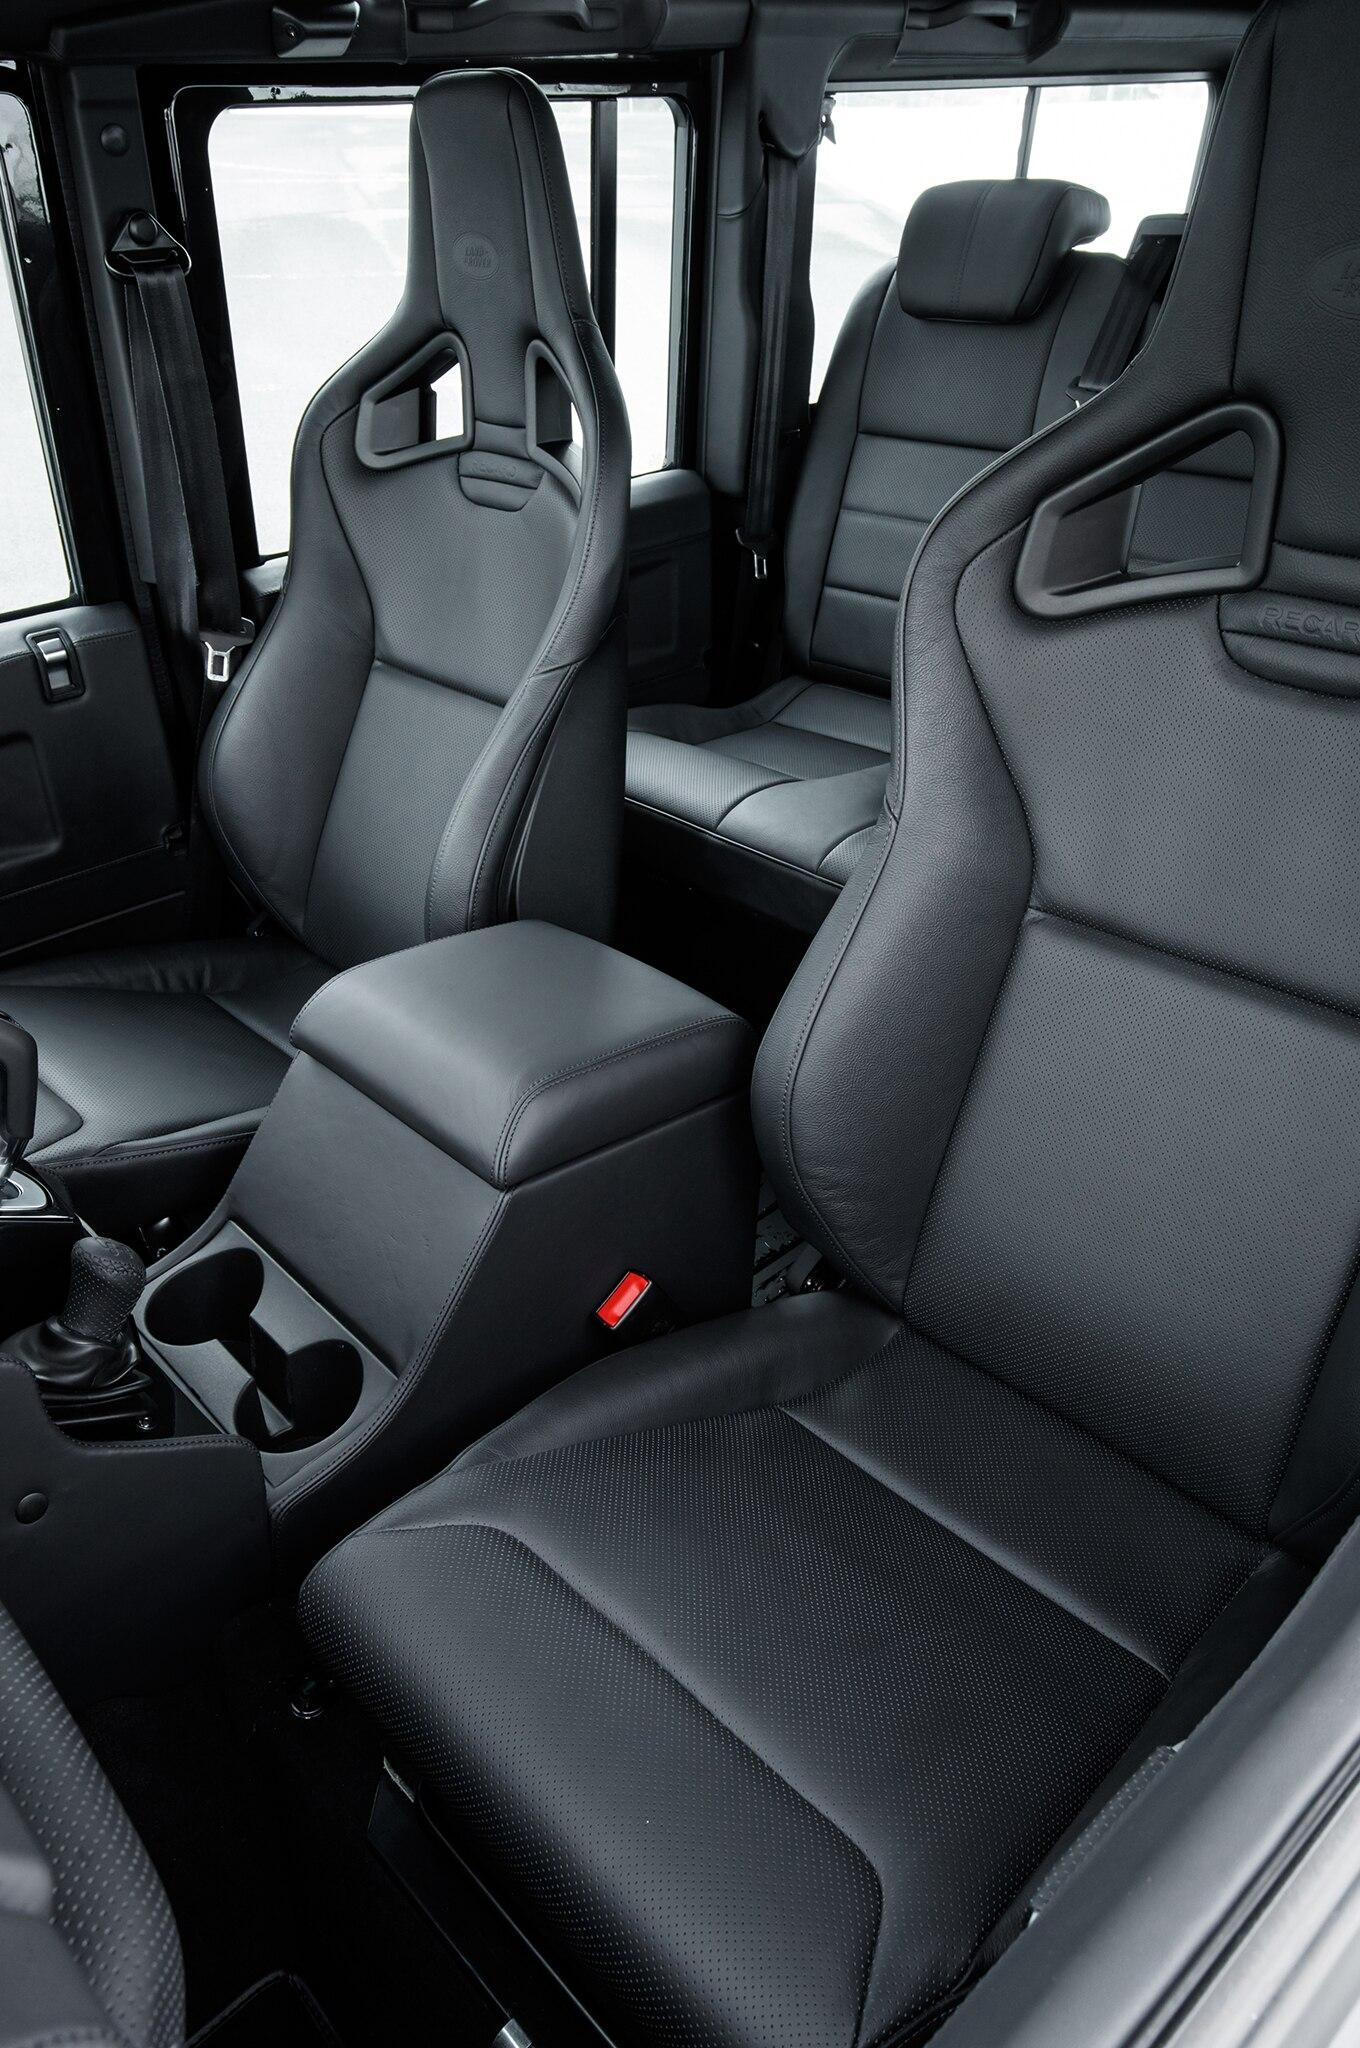 Land Rover Defender 110 Works V8 Interior Seats Motor Trend En Espanol